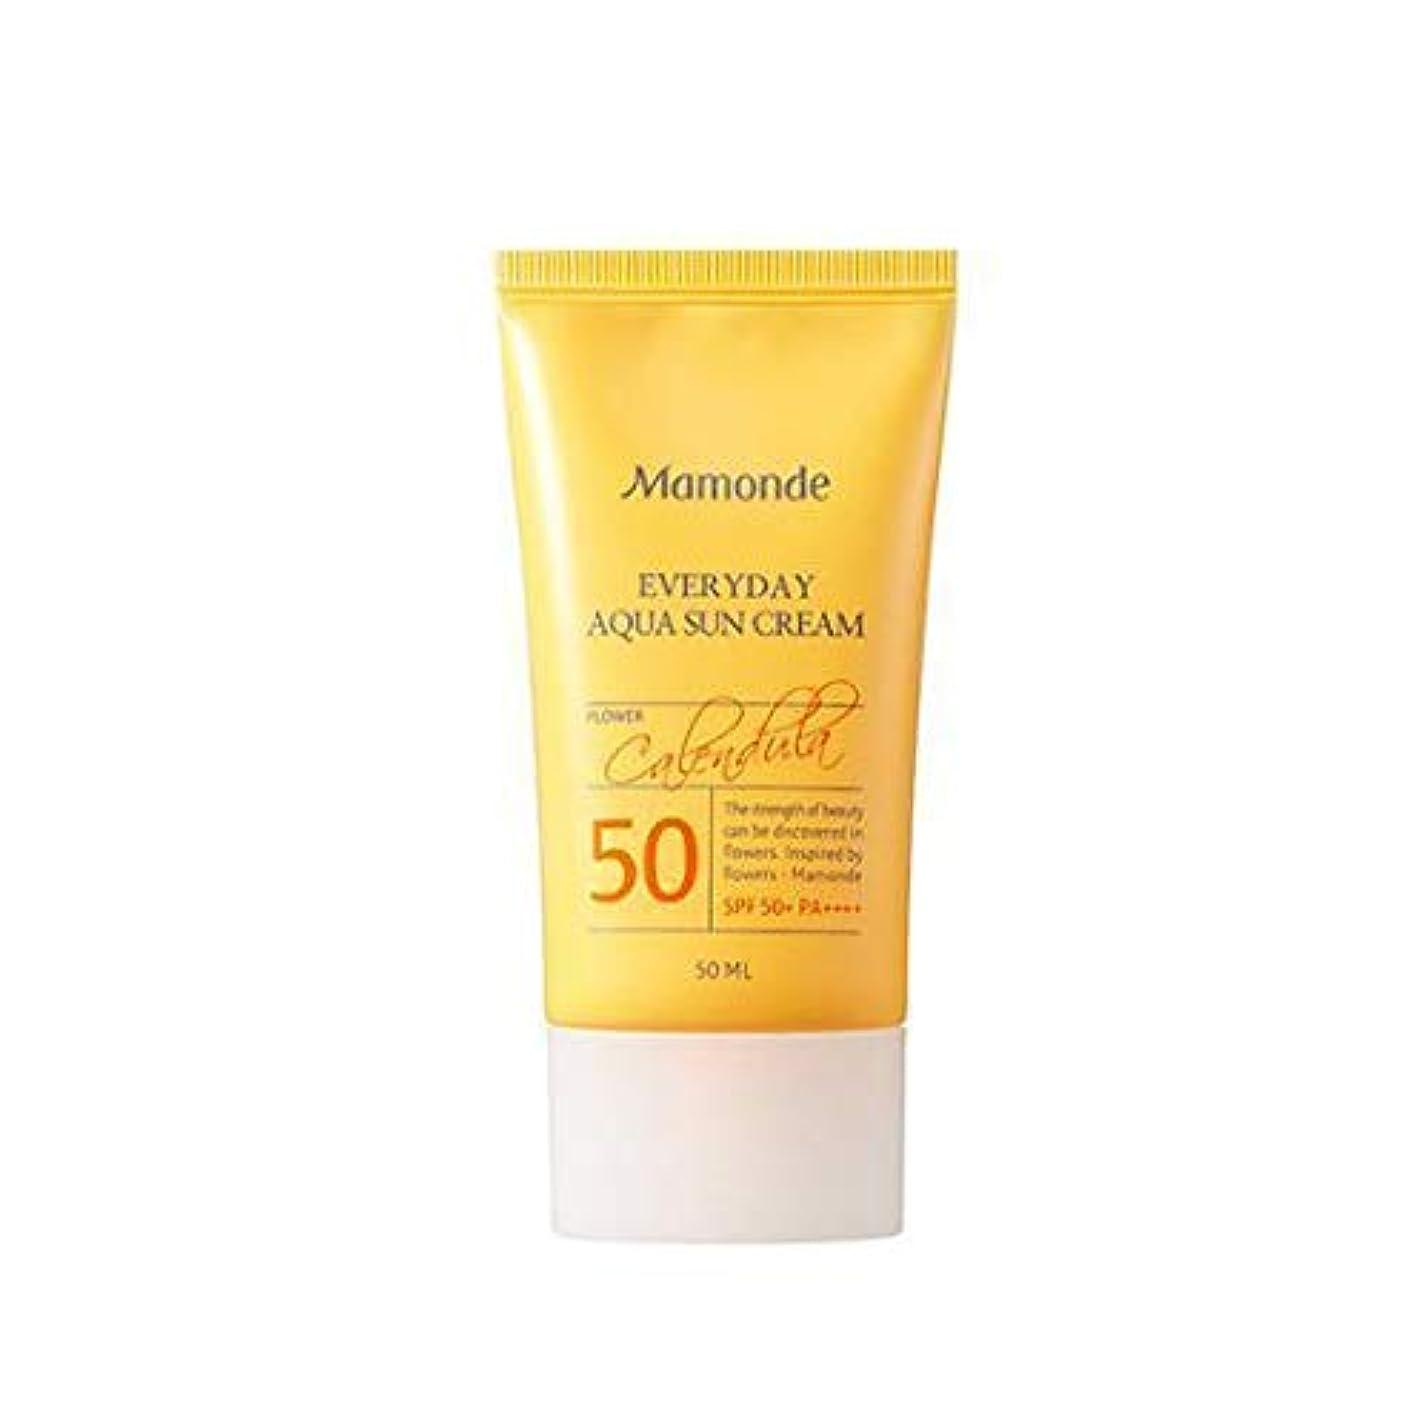 再発するぼかす社会科MAMONDE マモンド エブリデイアクアサンクリーム (50ml),SPF50+PA++++ Everyday Aqua Sun Cream 韓国日焼け止め